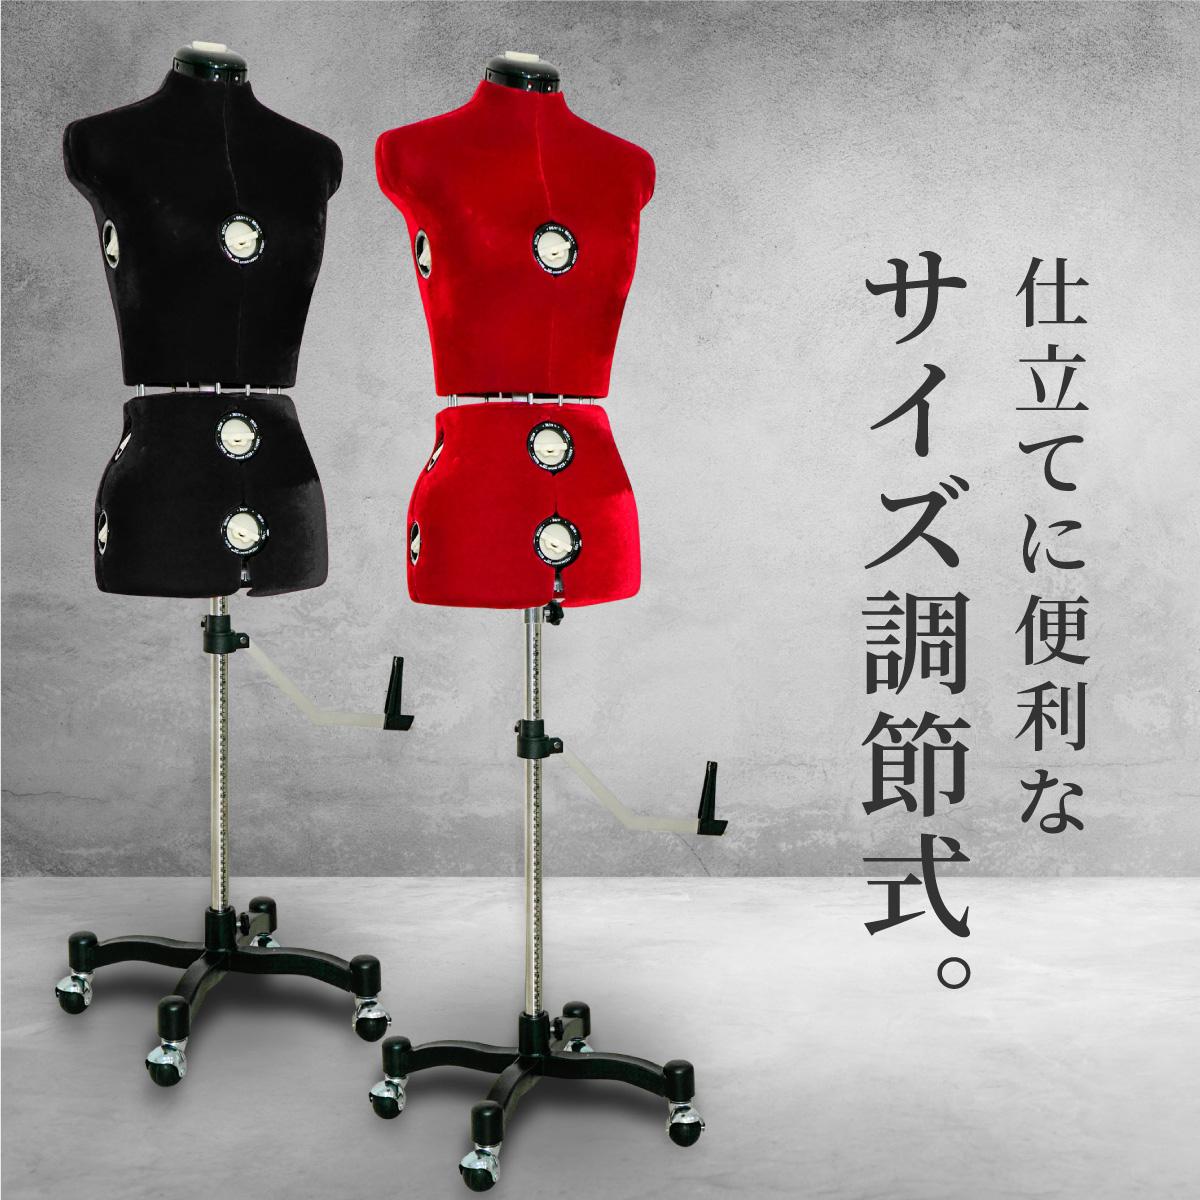 トルソー 9号 11号 13号 15号 17号 21号 サイズ調整式 洋裁 選べる2色 仕立て ディスプレイ マネキン 縫物 インテリア ブラック レッド 黒 赤 @74114